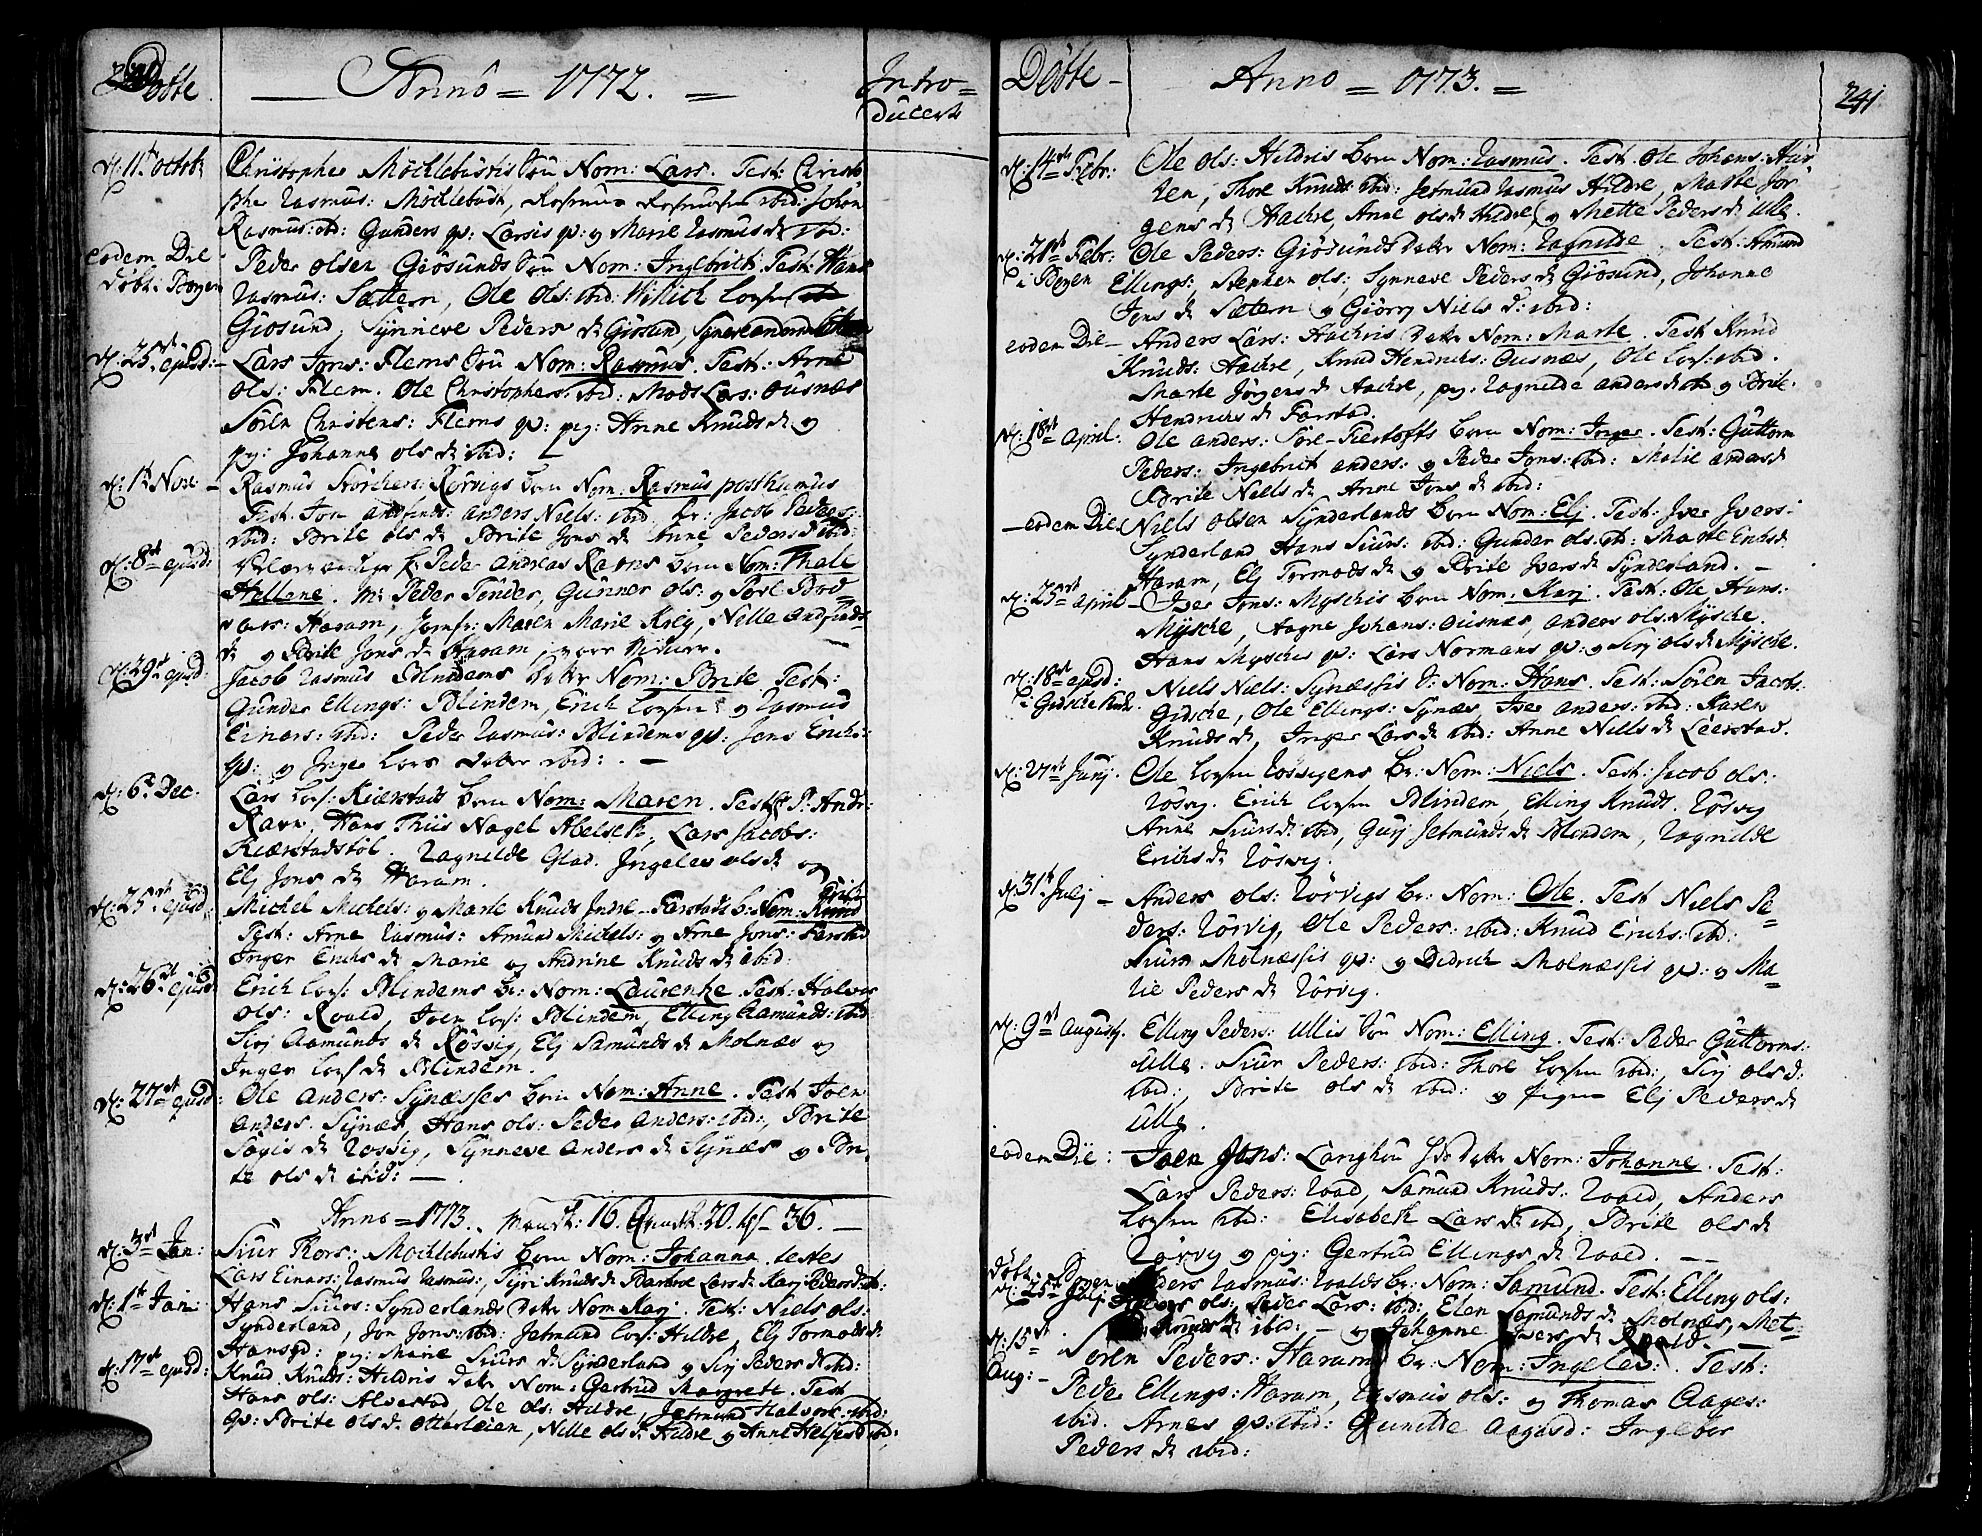 SAT, Ministerialprotokoller, klokkerbøker og fødselsregistre - Møre og Romsdal, 536/L0493: Ministerialbok nr. 536A02, 1739-1802, s. 240-241